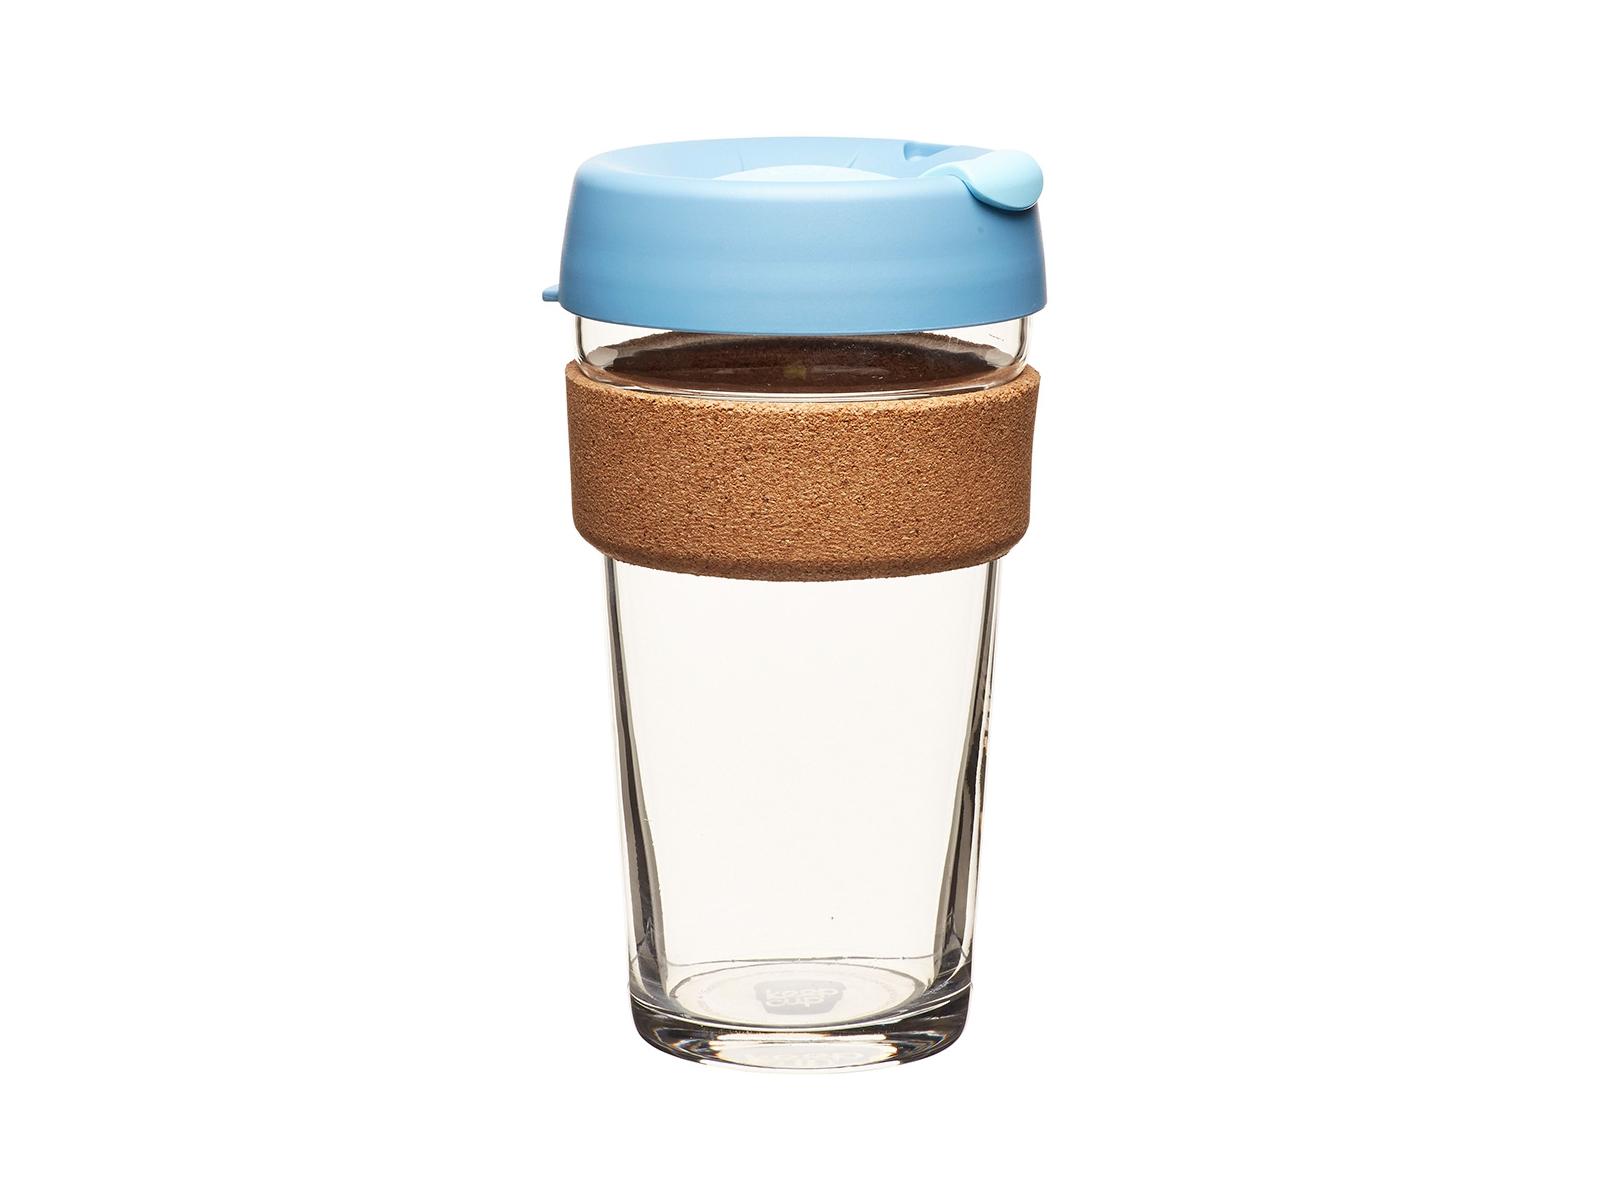 Кружка Keepcup rock saltЧайные пары и чашки<br>Лимитированная серия культовых кружек Keepcup со стенками из закаленного стекла, еще более удобной крышкой и уникальным пояском из пробкового дерева.  <br>Кружка, созданная с мыслями о вас и о планете. Главная идея KeepCup – вдохновить любителей кофе отказаться от использования одноразовых бумажных и пластиковых стаканов, так как их производство и утилизация наносят вред окружающей среде. В год производится и выбрасывается около 500 миллиардов одноразовых стаканчиков, а ведь планета у нас всего одна! <br>Но главный плюс кружки  – привлекательный дизайн, который станет отражением вашего личного стиля. Берите её в кафе или наливайте кофе, чай, сок дома, чтобы взять с собой - пить вкусные напитки на ходу, на работе или на пикнике. Специальная крышка с открывающимся и закрывающимся клапаном спасет от брызг, плотный ободок поможет не обжечься (плюс, удобно держать кружку в руках.<br>Крышка сделана без содержания вредного бисфенола (BPA-free). Корпус - из закаленного стекла, устойчивого к термическому и механическому воздействию.&amp;amp;nbsp;&amp;lt;div&amp;gt;&amp;lt;br&amp;gt;&amp;lt;/div&amp;gt;&amp;lt;div&amp;gt;&amp;lt;span style=&amp;quot;line-height: 24.9999px;&amp;quot;&amp;gt;Объем:&amp;amp;nbsp;454 мл.&amp;lt;/span&amp;gt;&amp;lt;br&amp;gt;&amp;lt;/div&amp;gt;<br><br>Material: Стекло<br>Height см: 15,8<br>Diameter см: 8,8